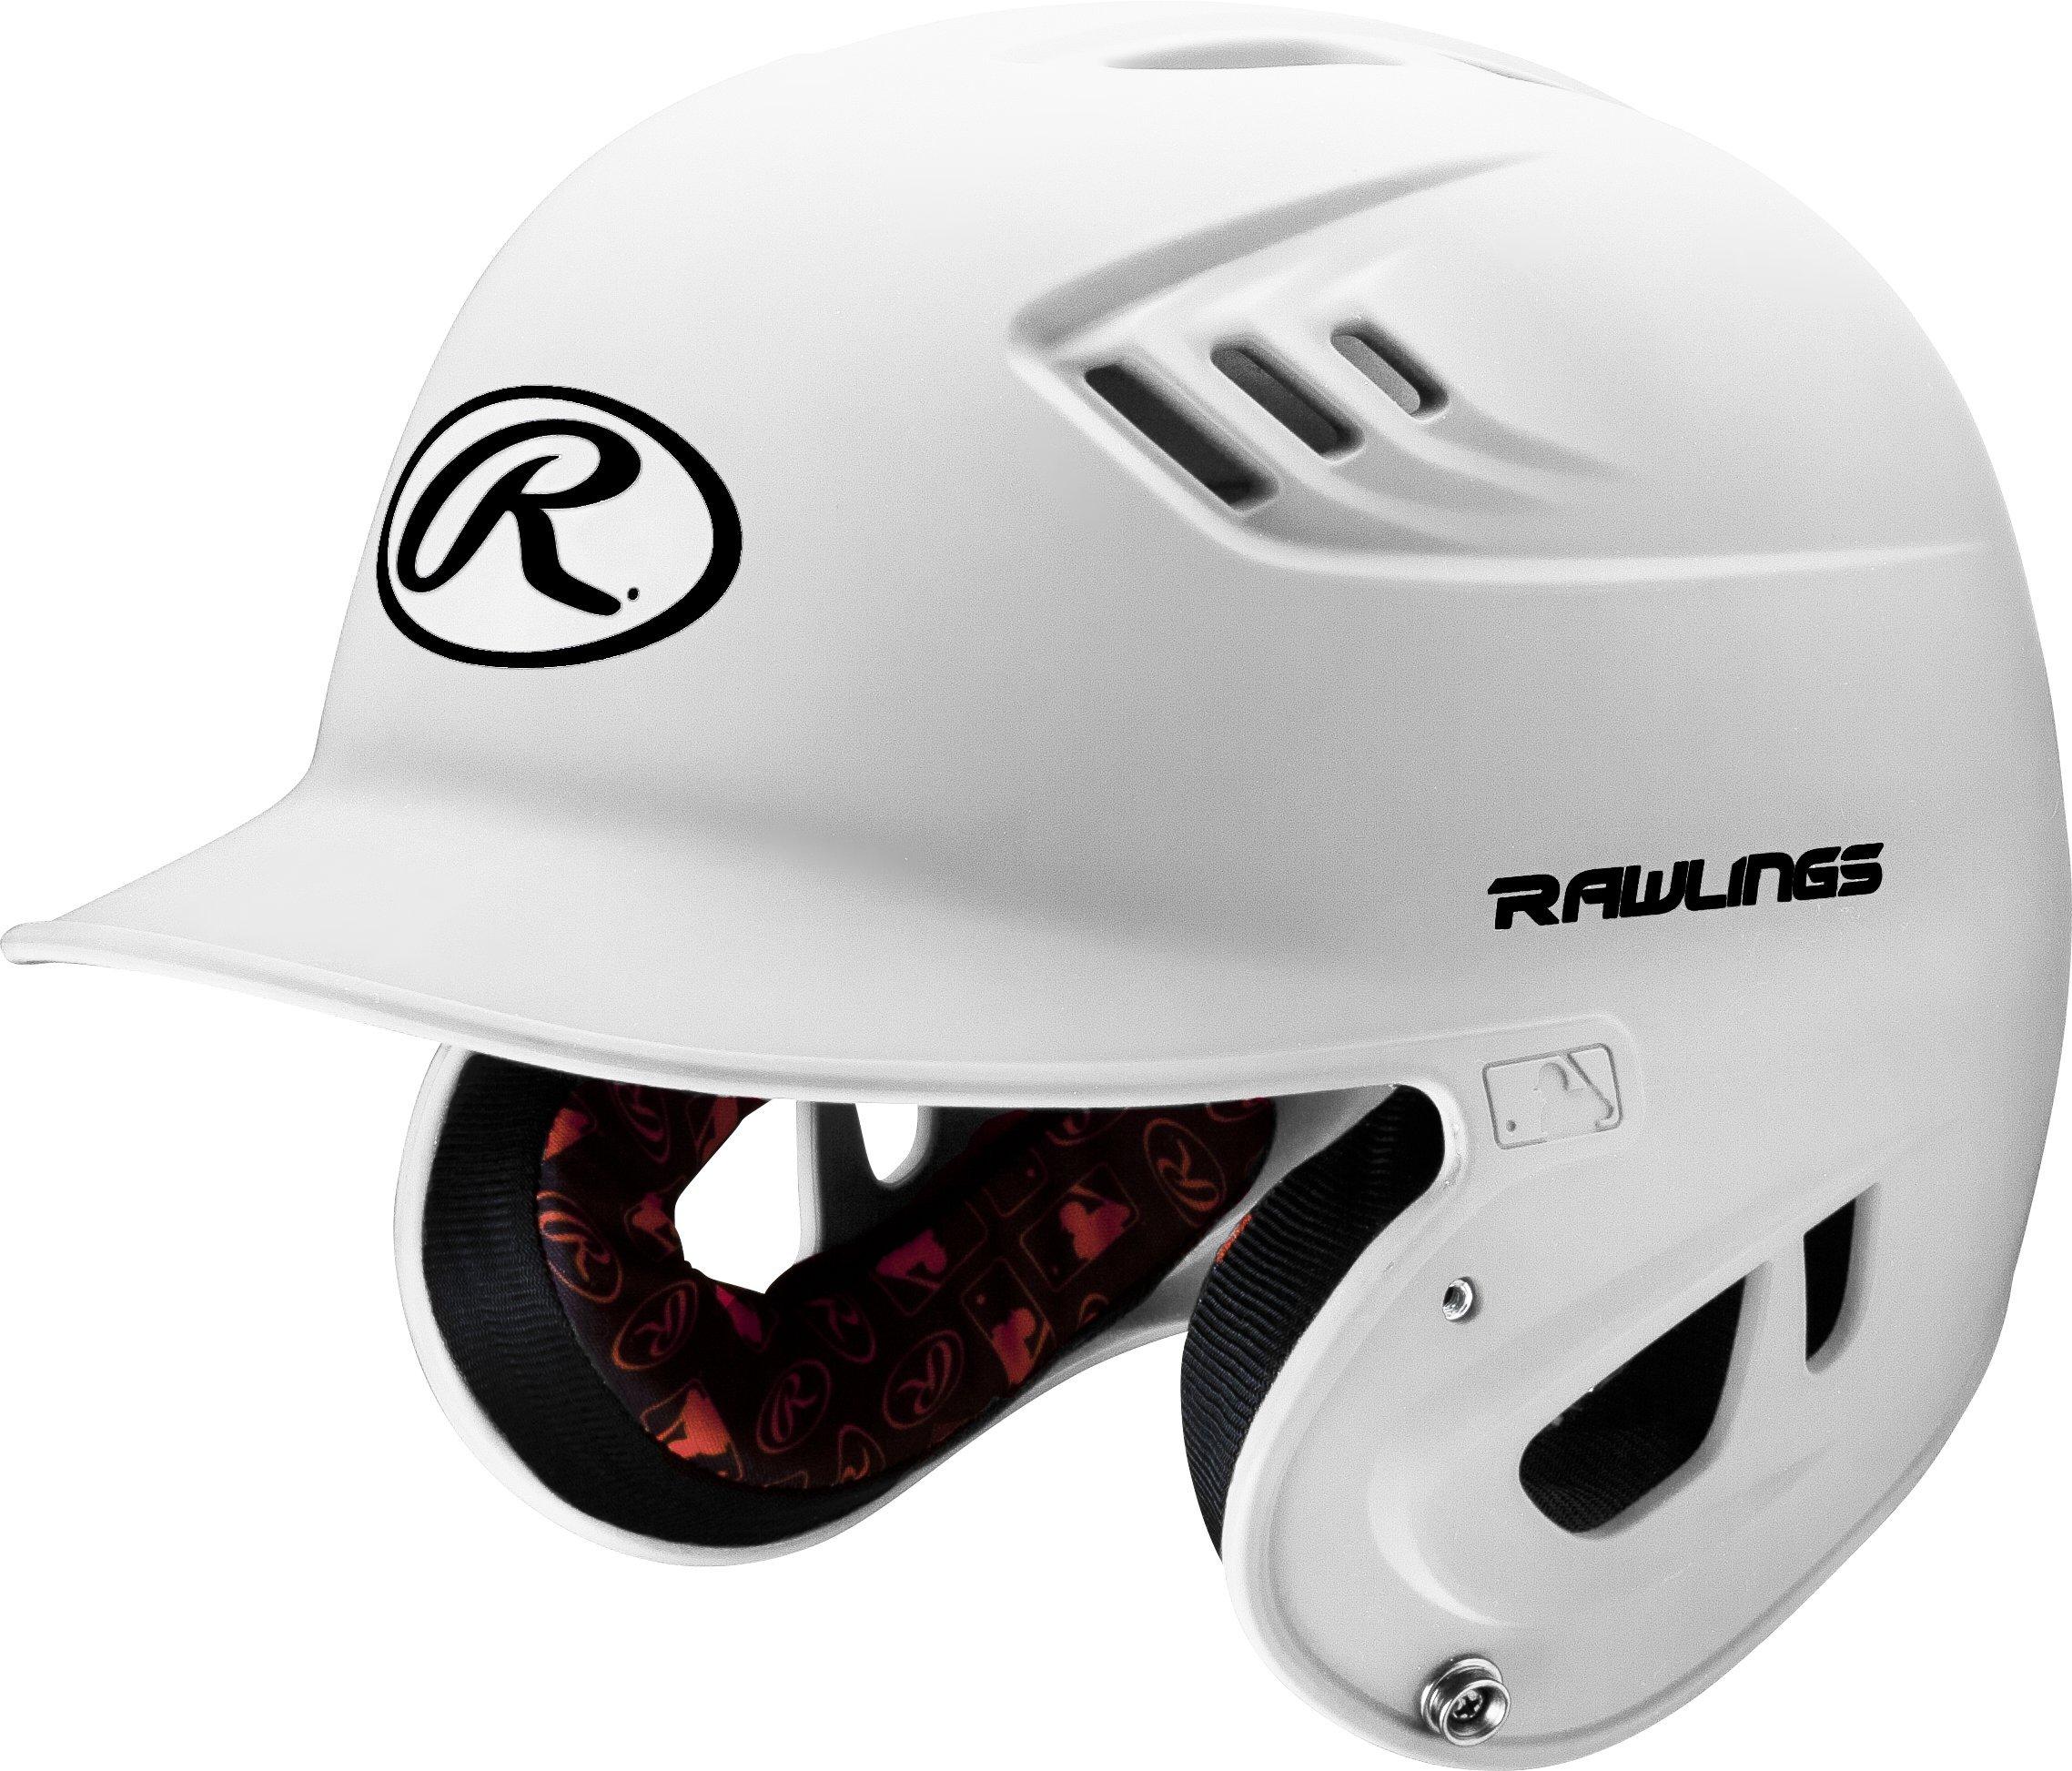 Rawlings R16 Series Matte Batting Helmet, White, Senior by Rawlings